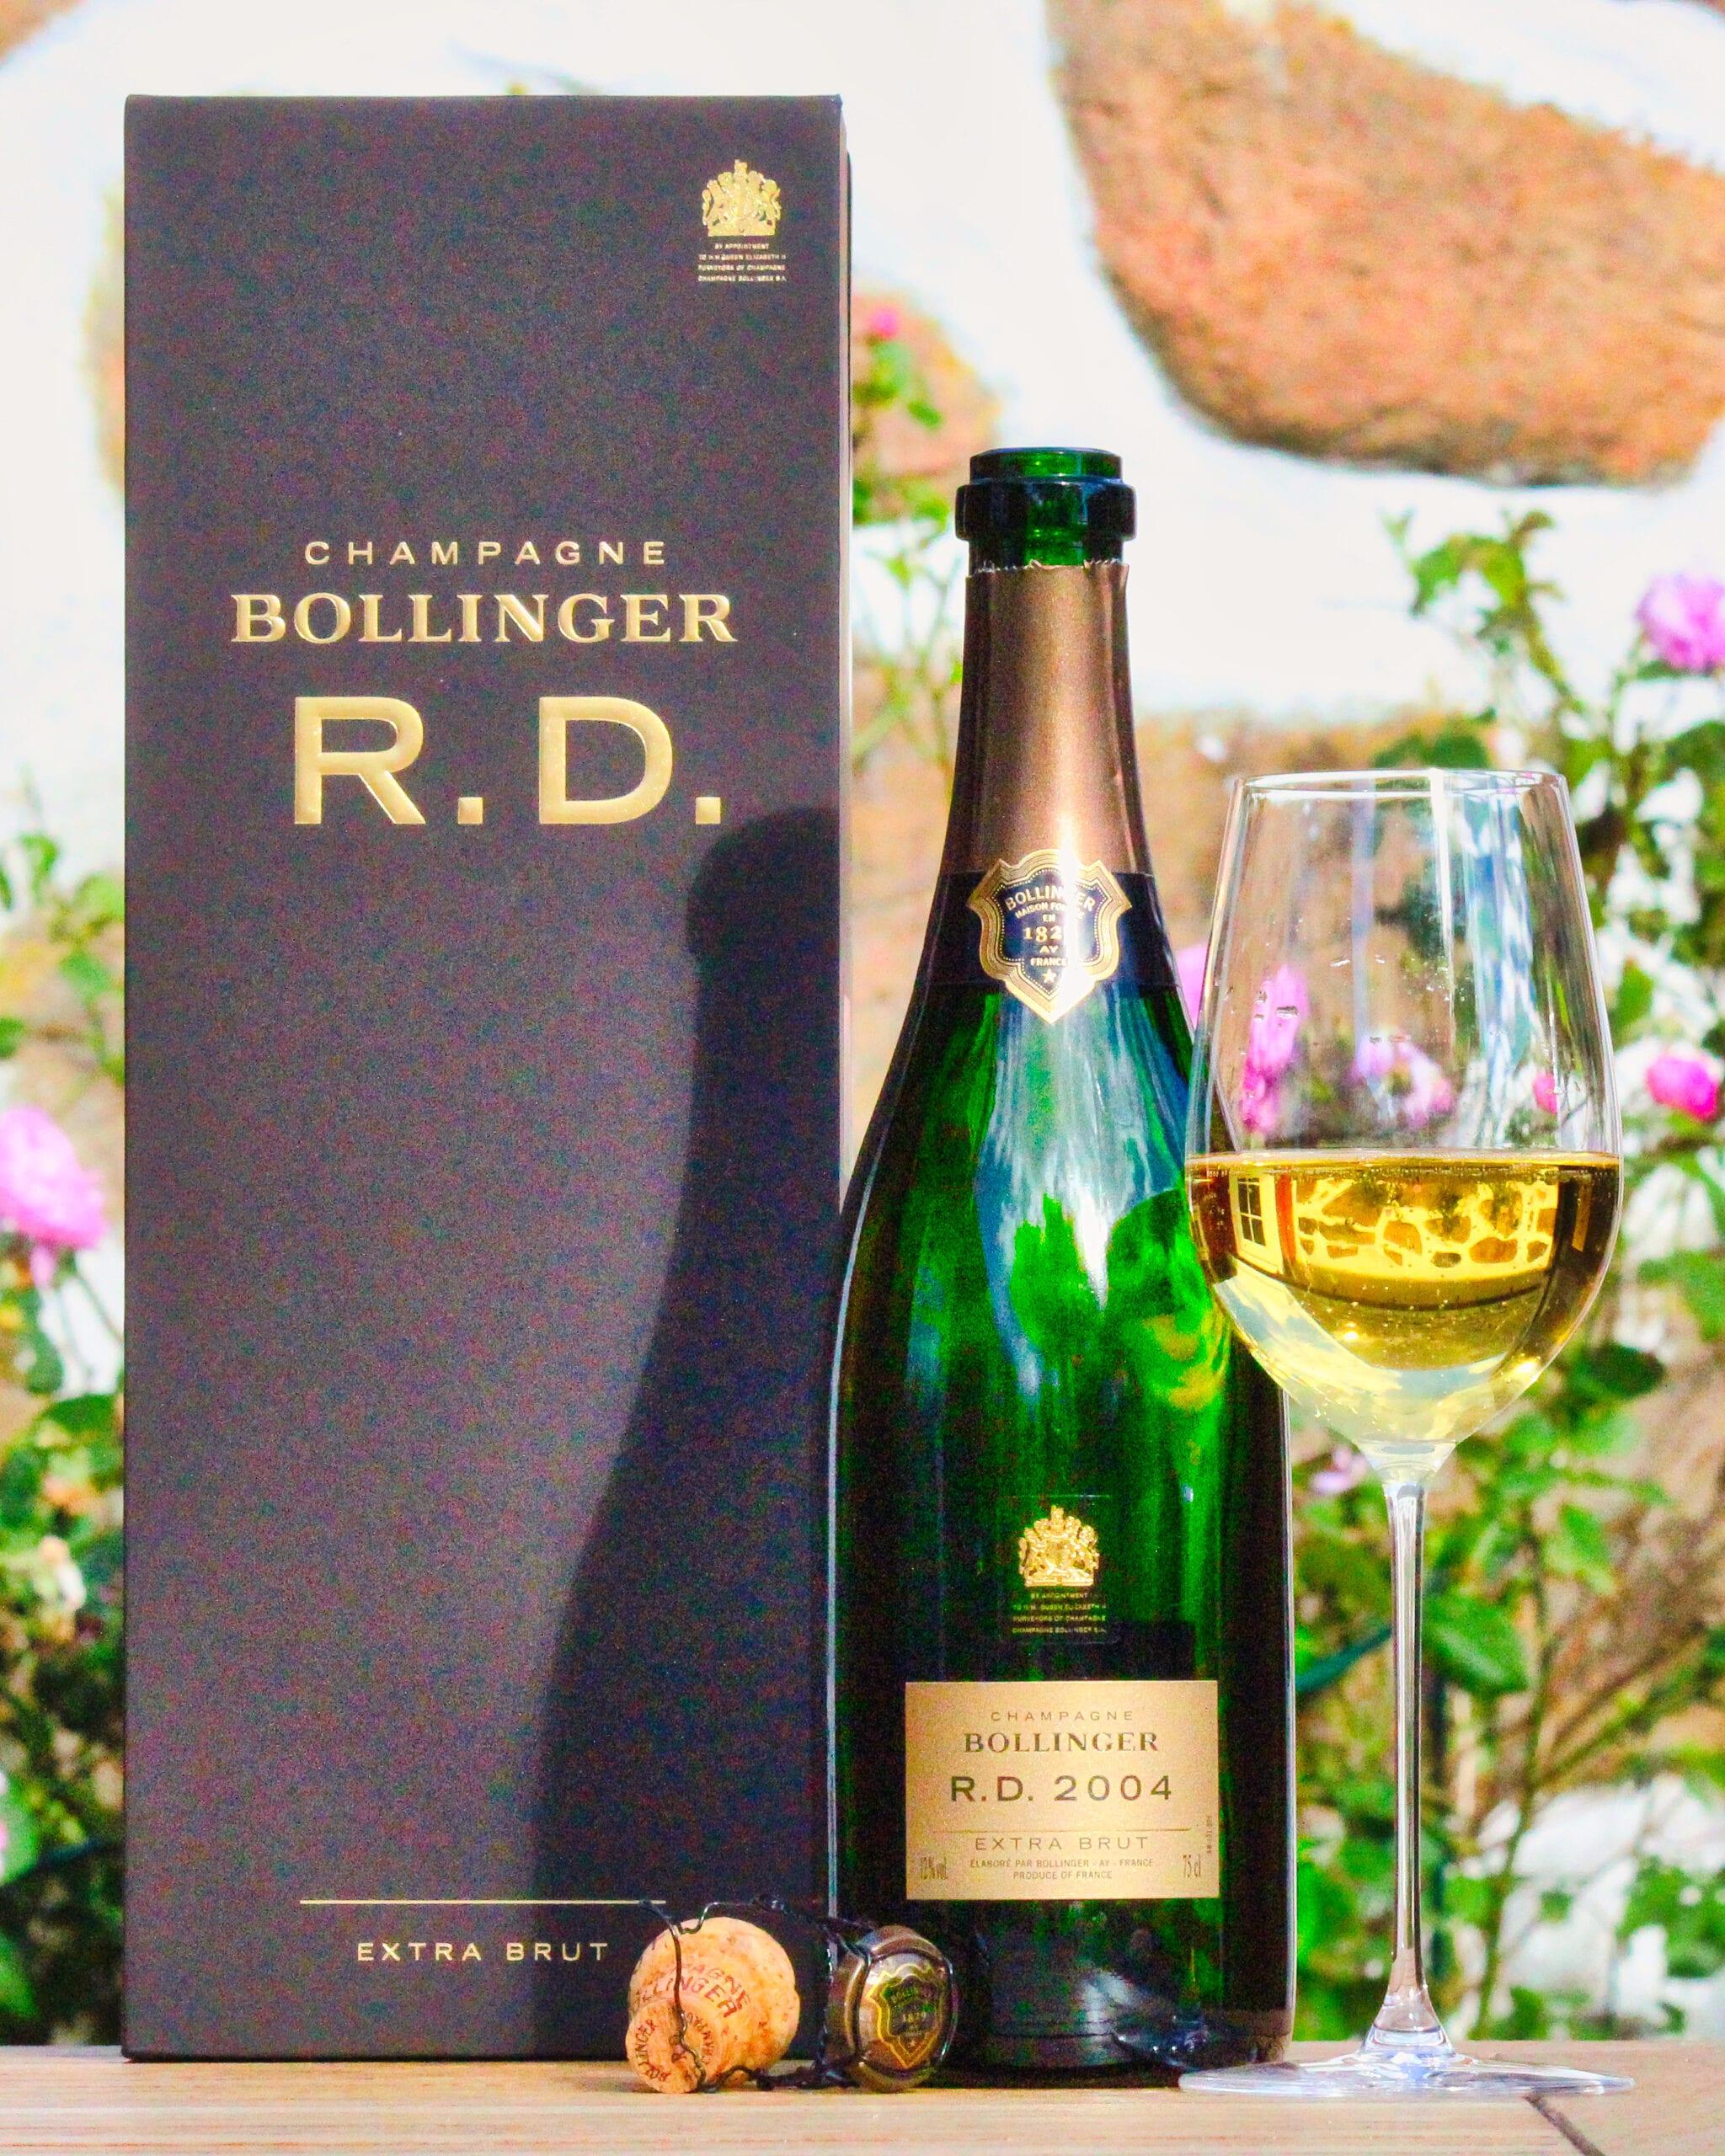 Bollinger R.D. 2004